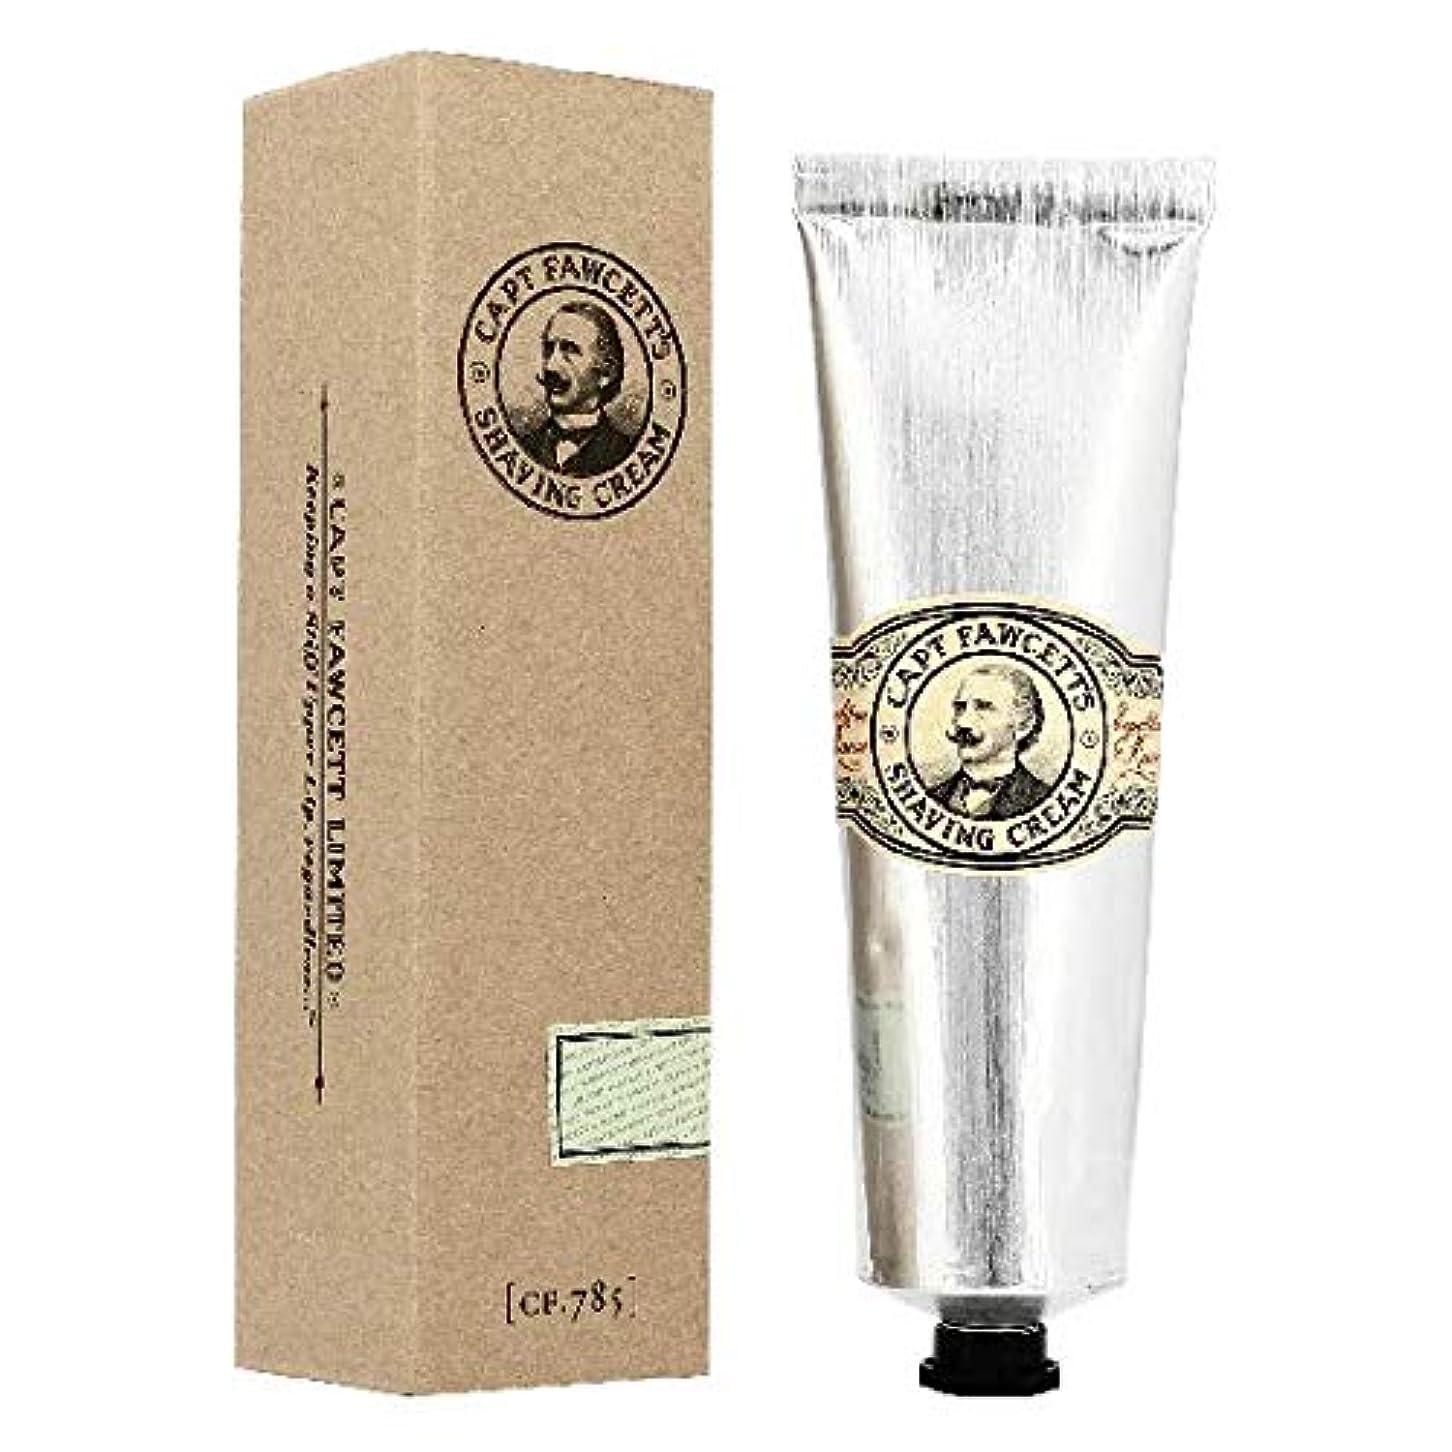 罰混乱ハンバーガーキャプテンフォーセット シェービングクリーム150ml[海外直送品]Captain Fawcett's Shaving Cream 150ml [並行輸入品]